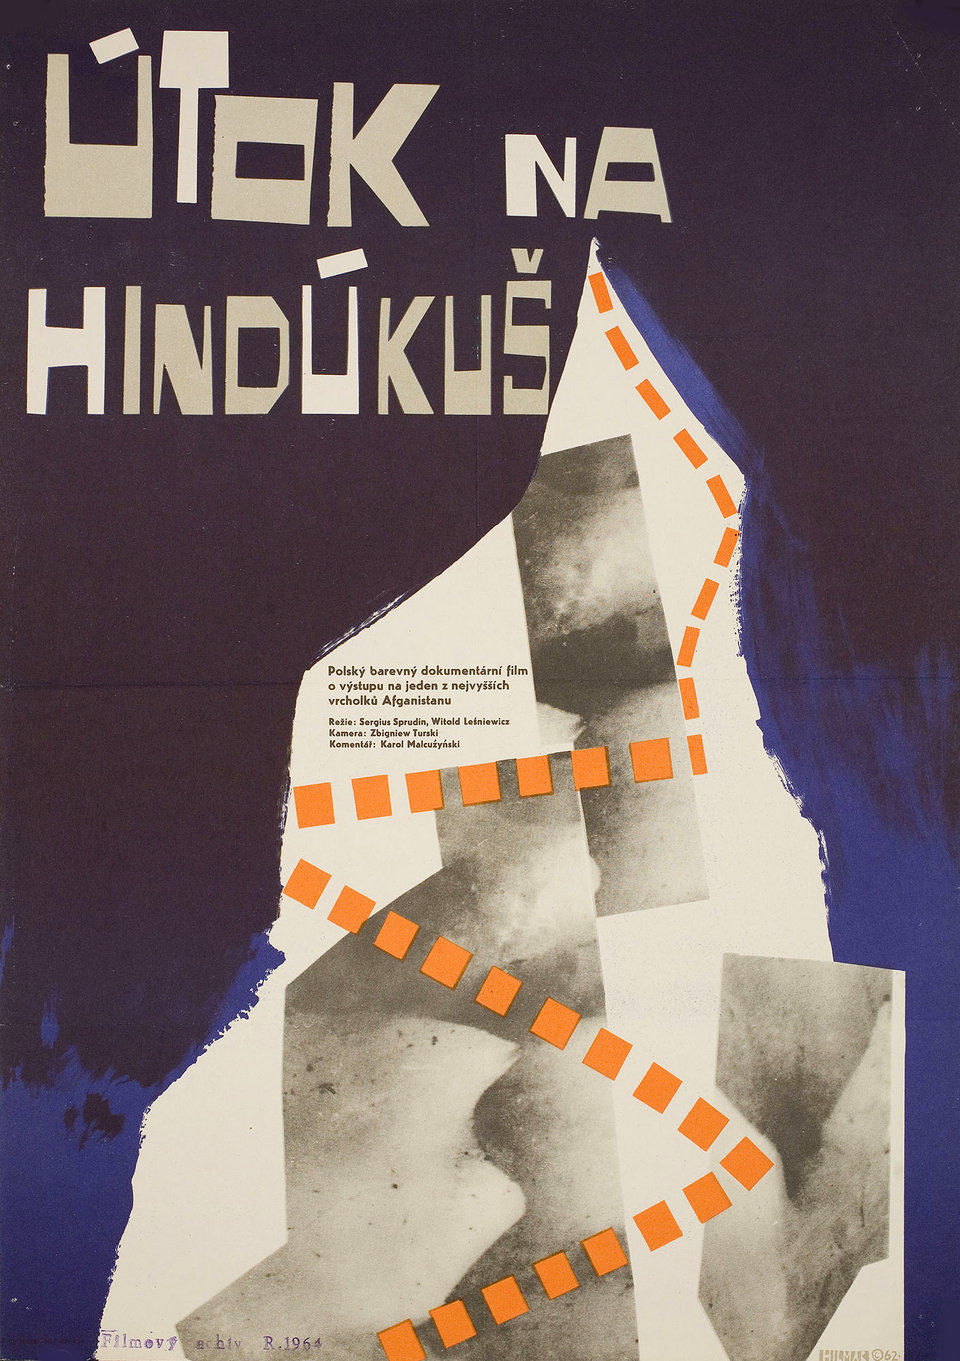 hindu-kush-1963-original-czech-movie-poster